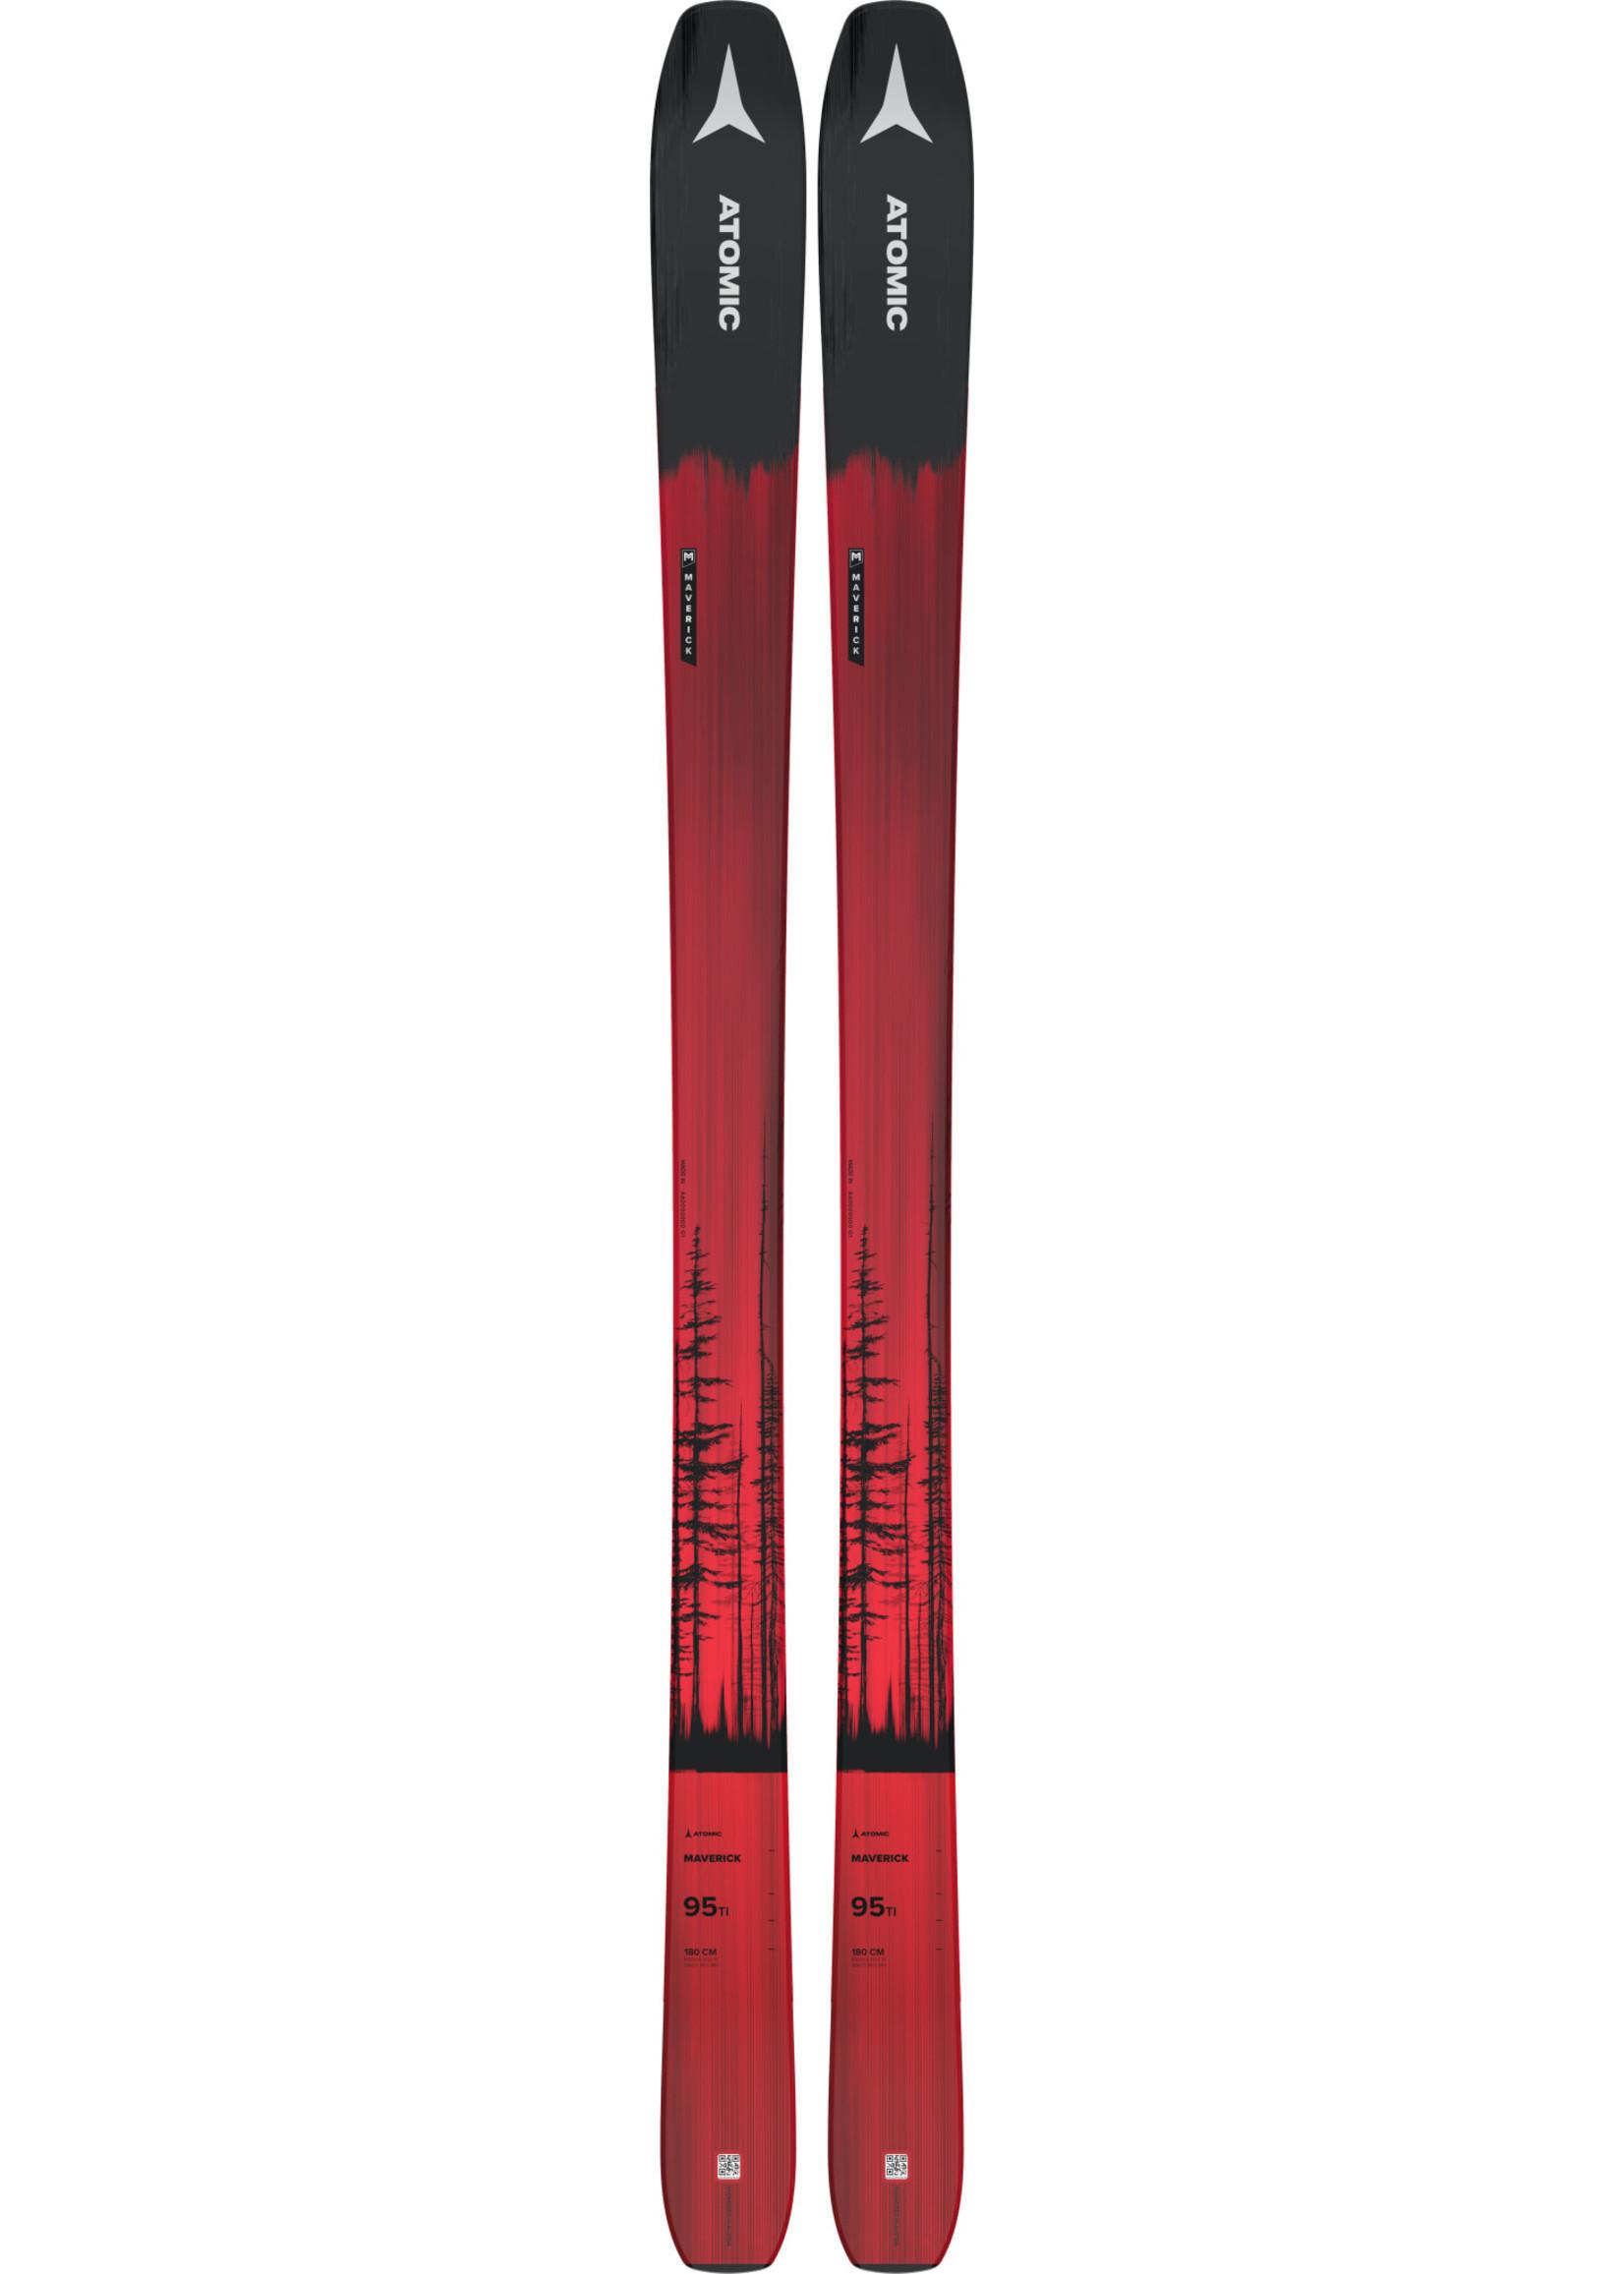 Atomic Alpine Ski Maverick 95 Ti